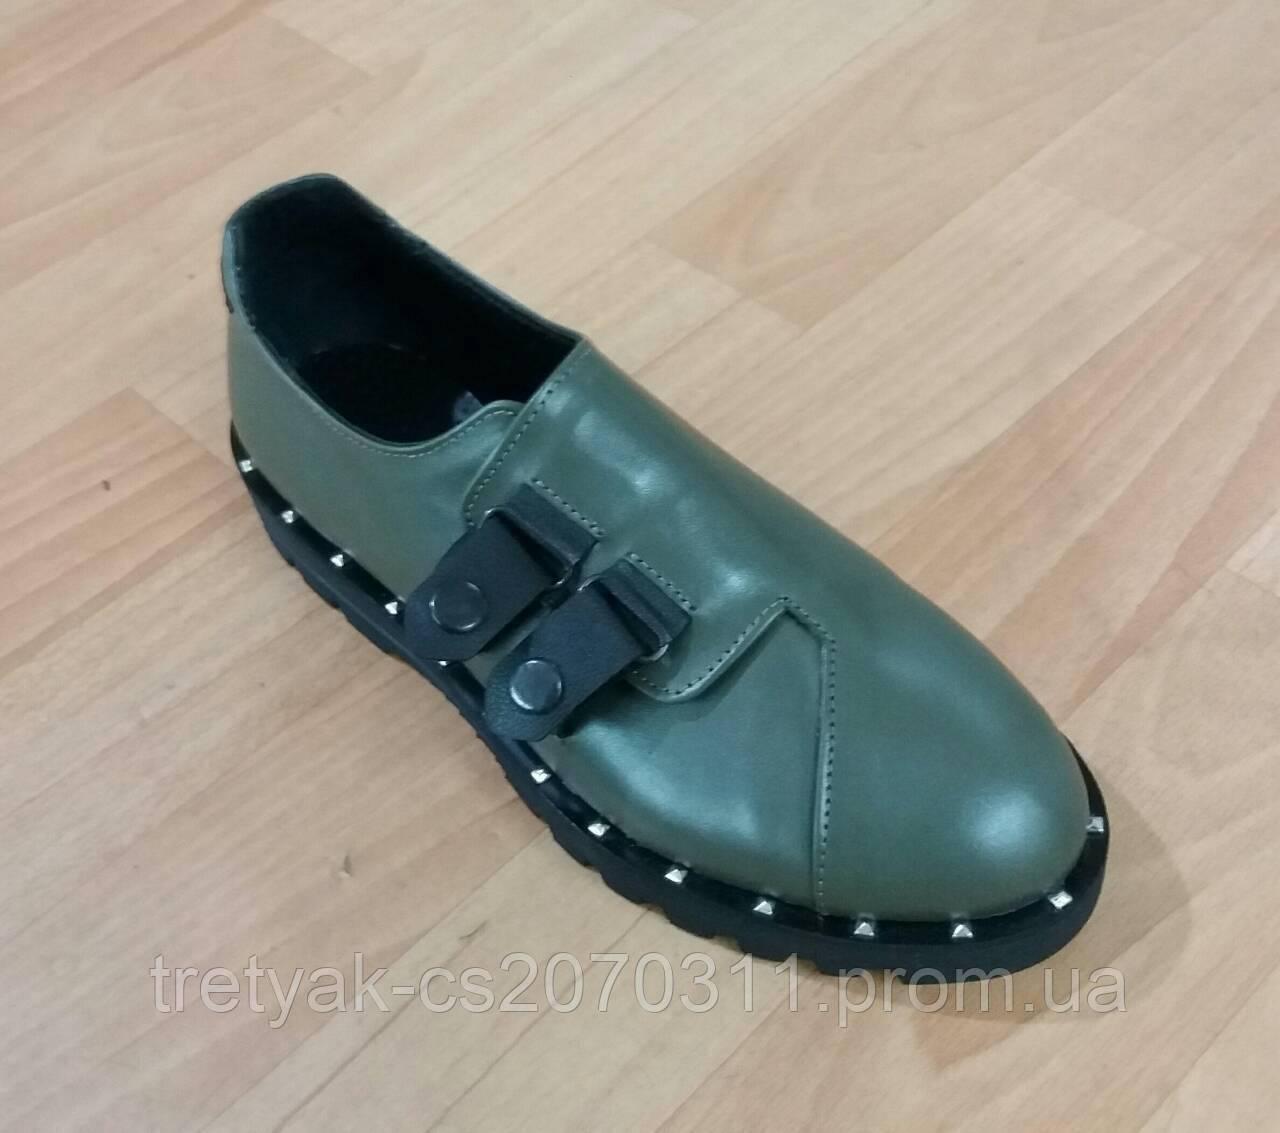 Женсие туфли лоферы с застёжкой на кнопках  цвета олива